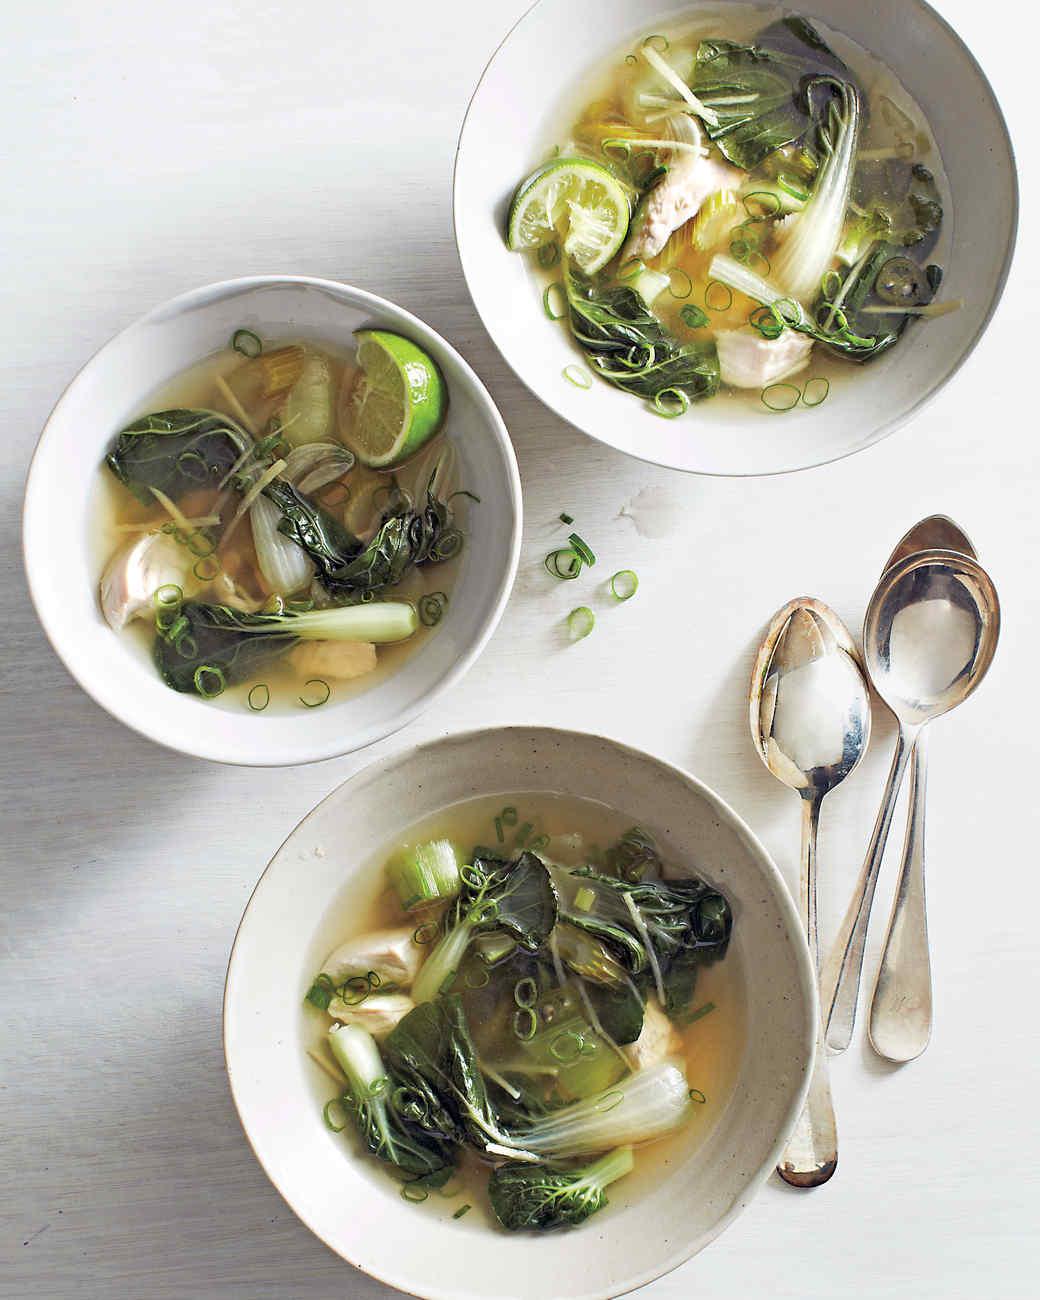 soup-v2-604-md110558.jpg